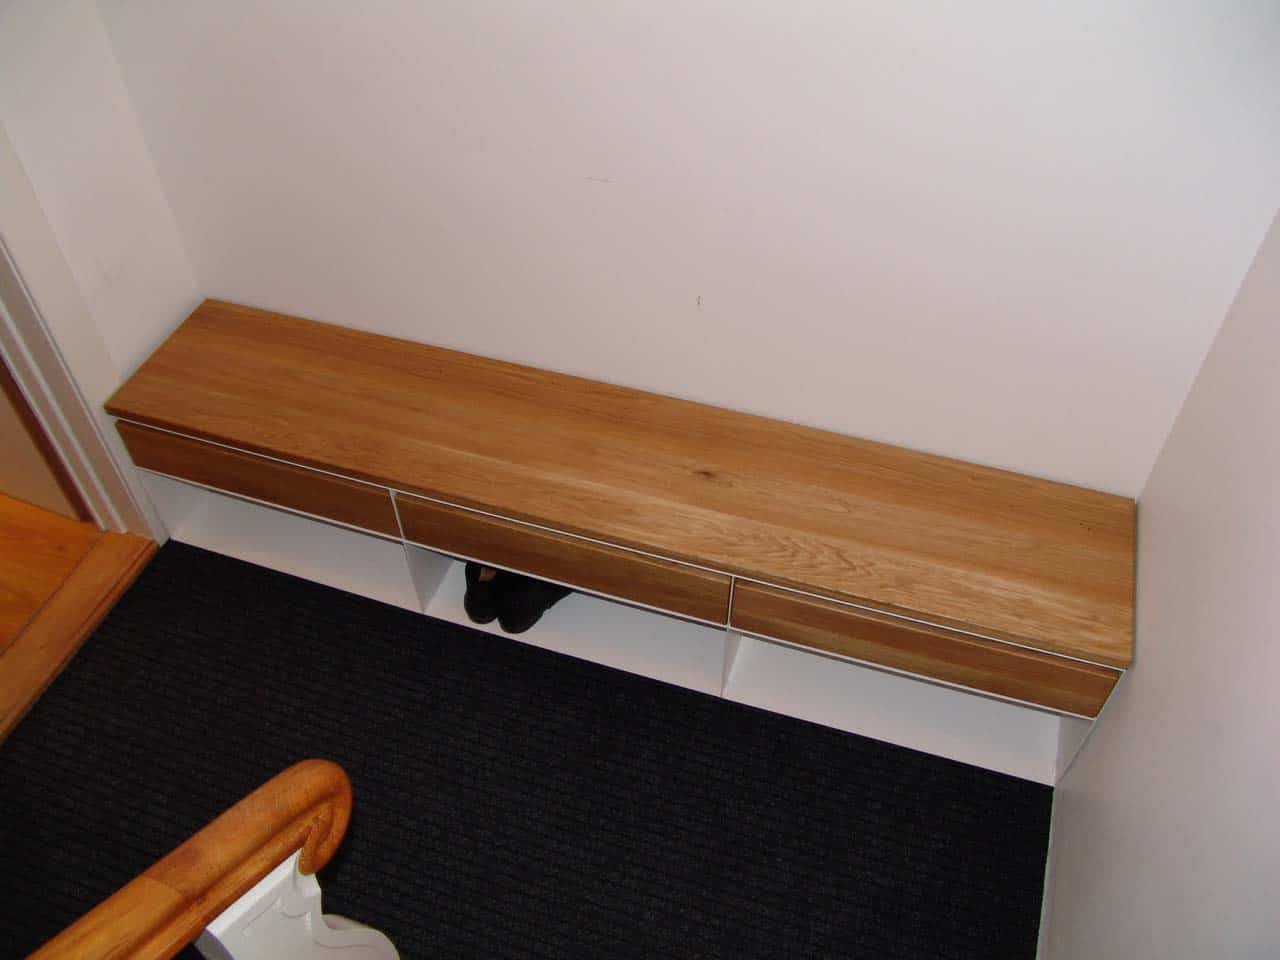 sideboard-sideboards-eiche-nussbaum-buche-holz-weiß-hochglanz-metall-stahl-modern-design-mit-schubladen